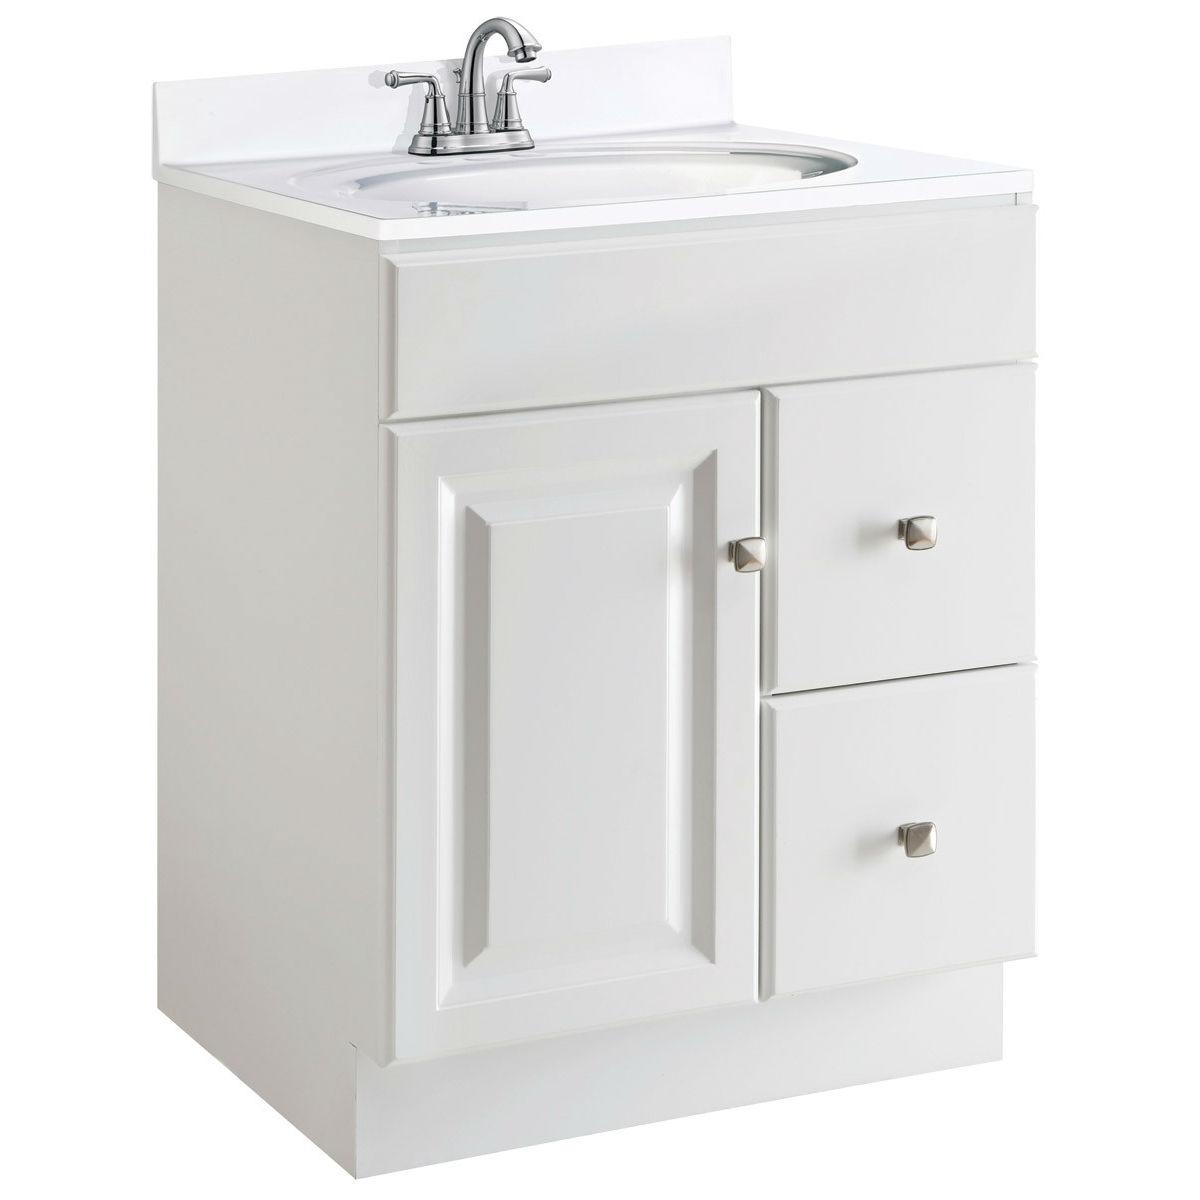 24 Inch Modern Bathroom Vanity Cabinet Base In White Semi Gloss Fastfurnishings Com